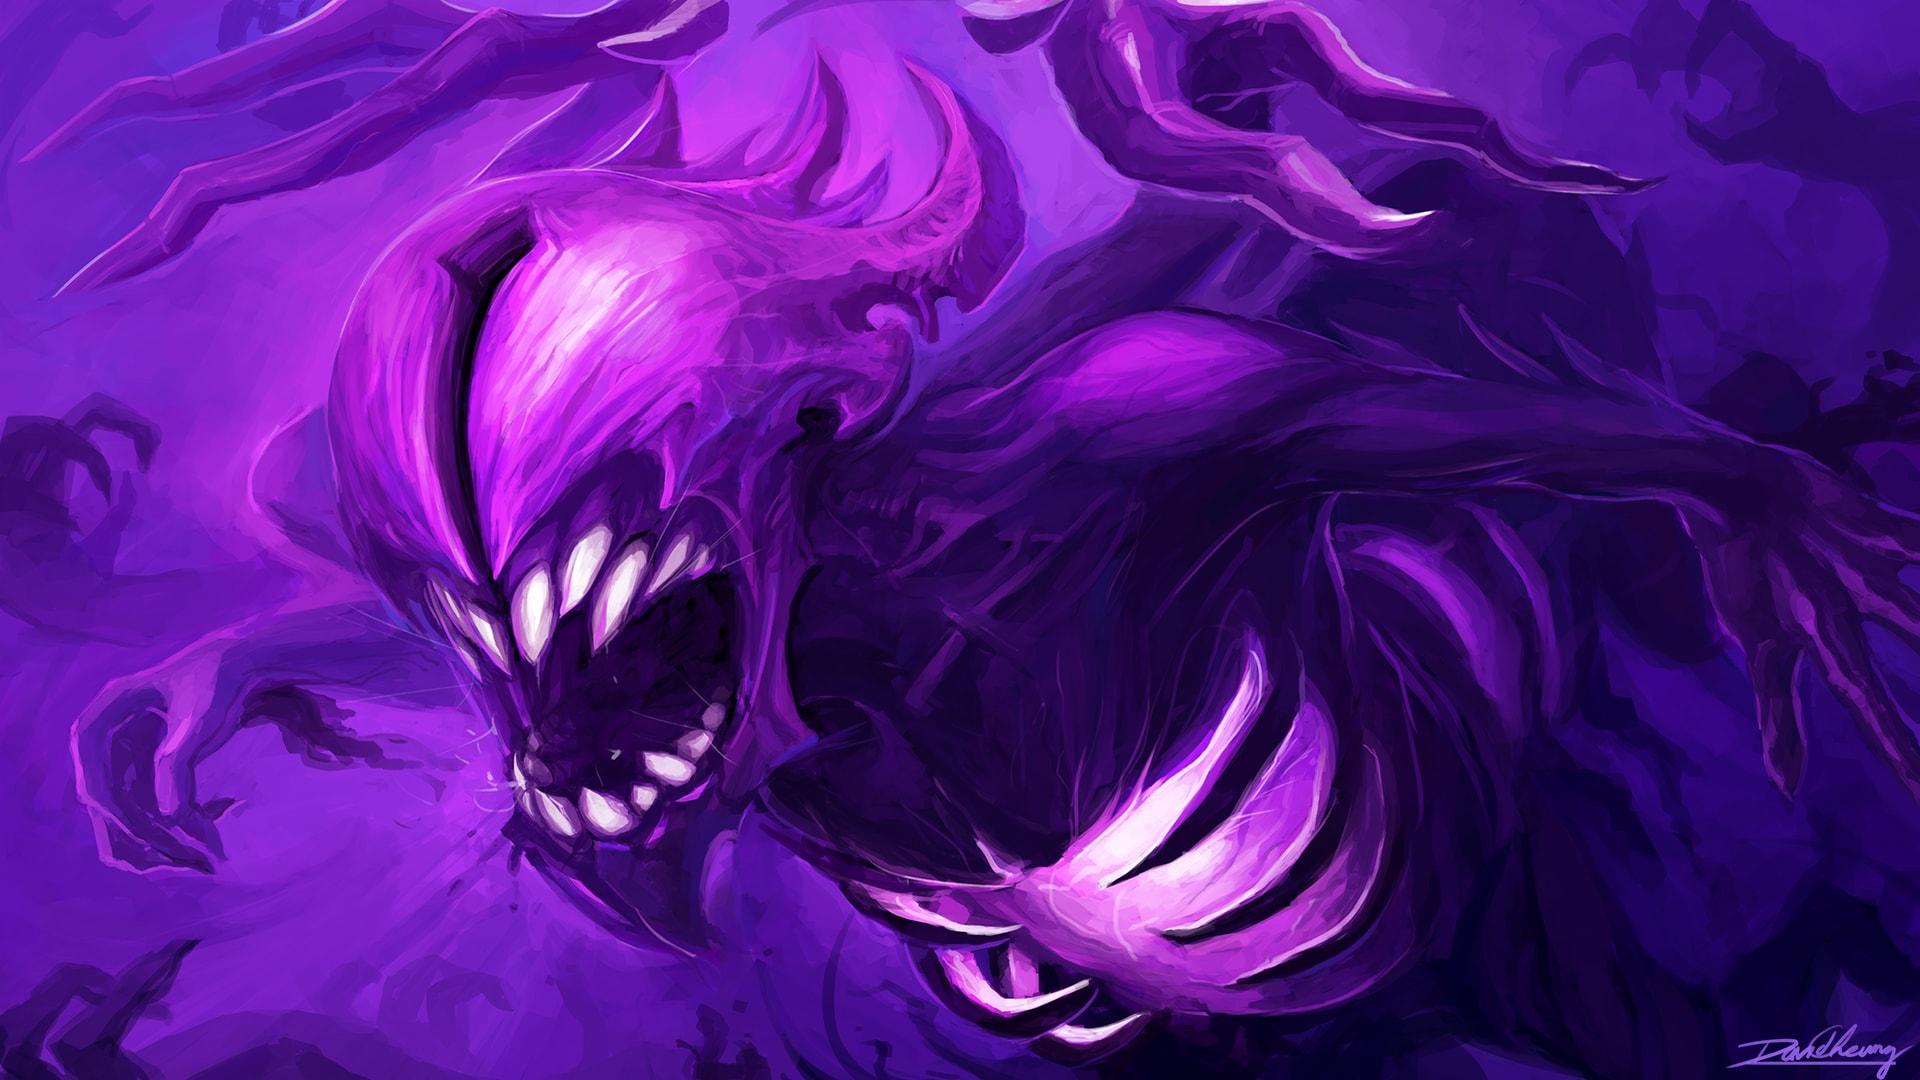 Dota2 : Bane Backgrounds